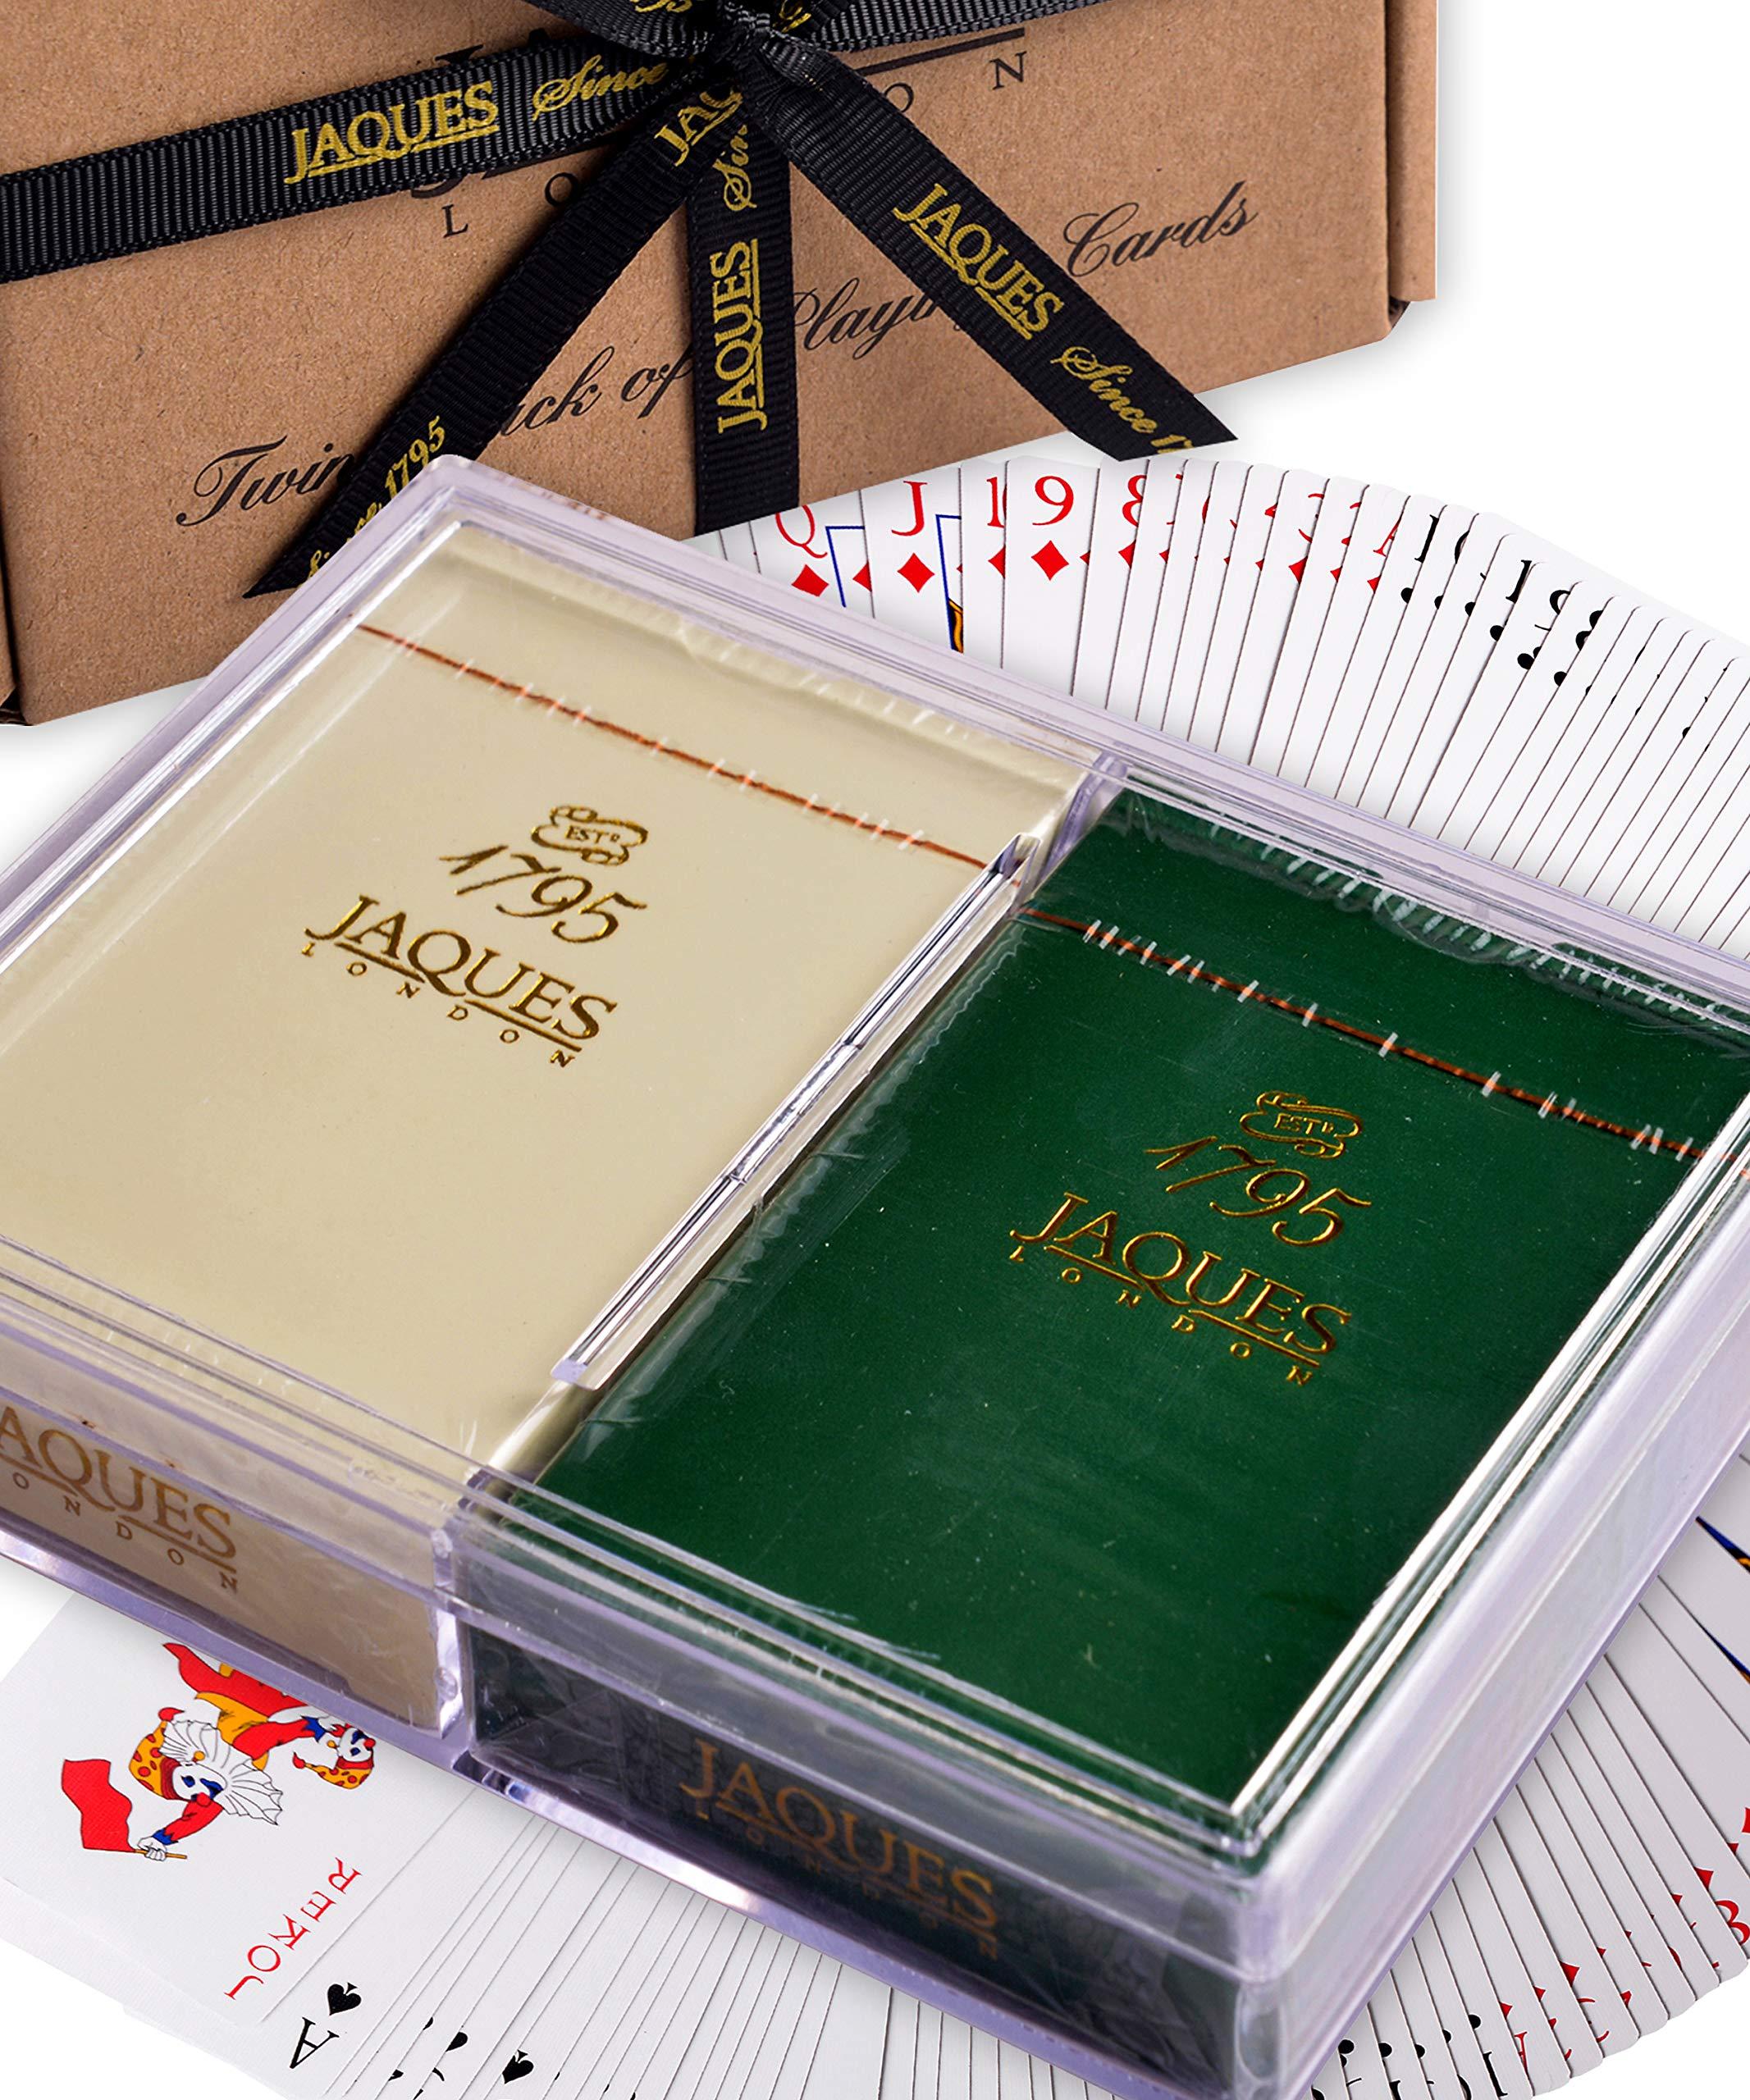 Jaques Naipes de Calidad of London - Baraja de Acabado con Acabado plasti - Juego de Cartas Twin Pack con Estuche de plástico Resistente: Amazon.es: Juguetes y juegos